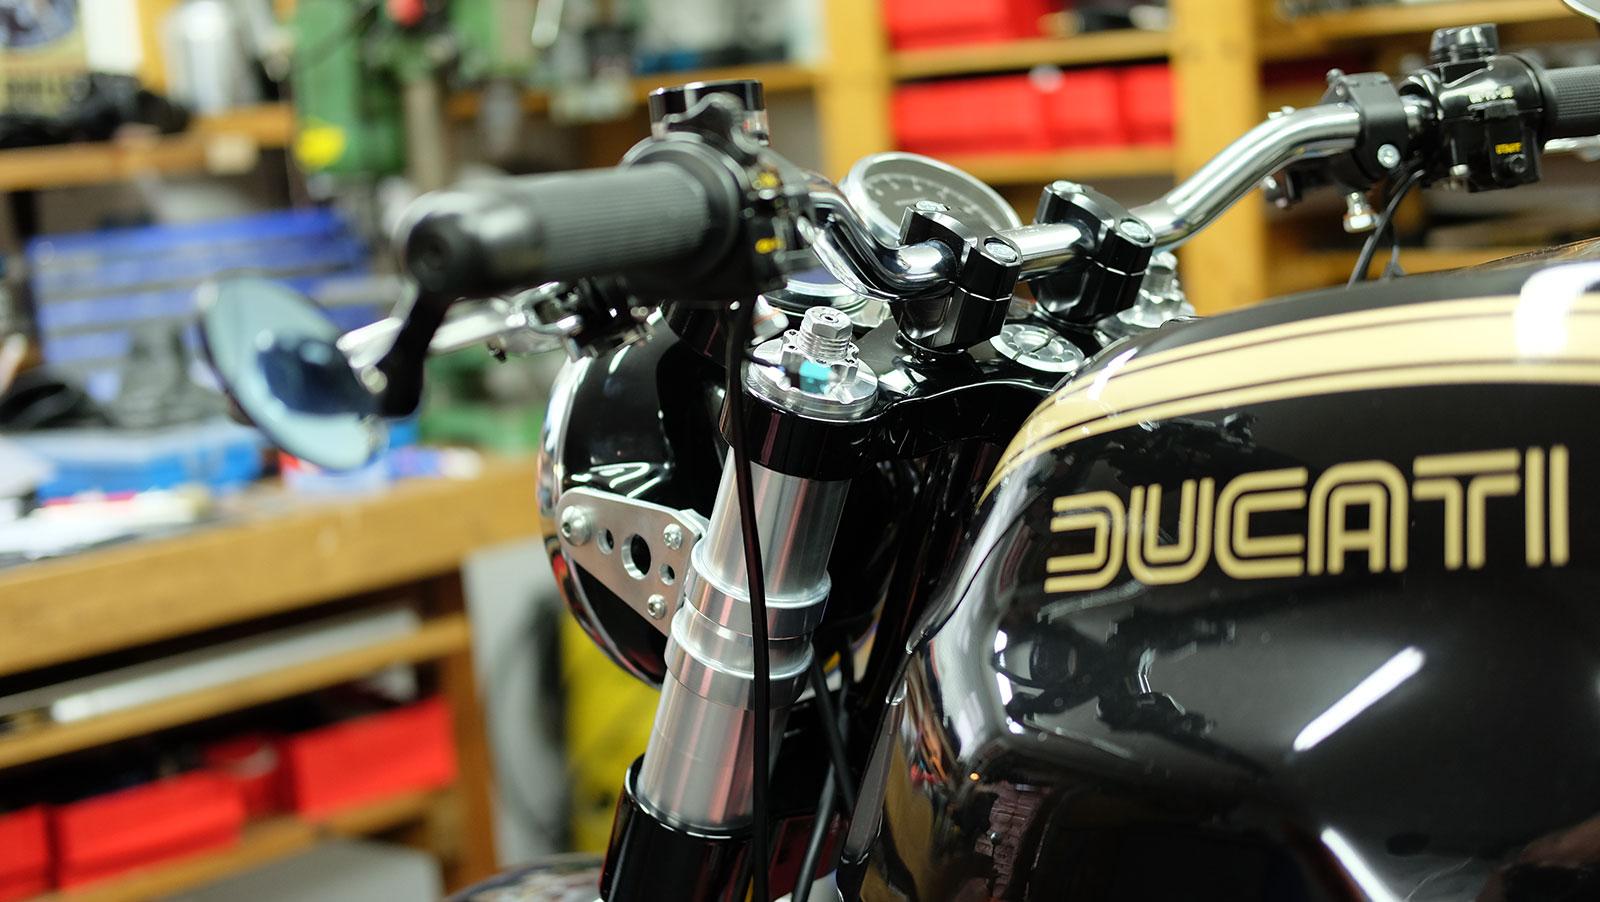 Ducati Sr Vs Speed Triple